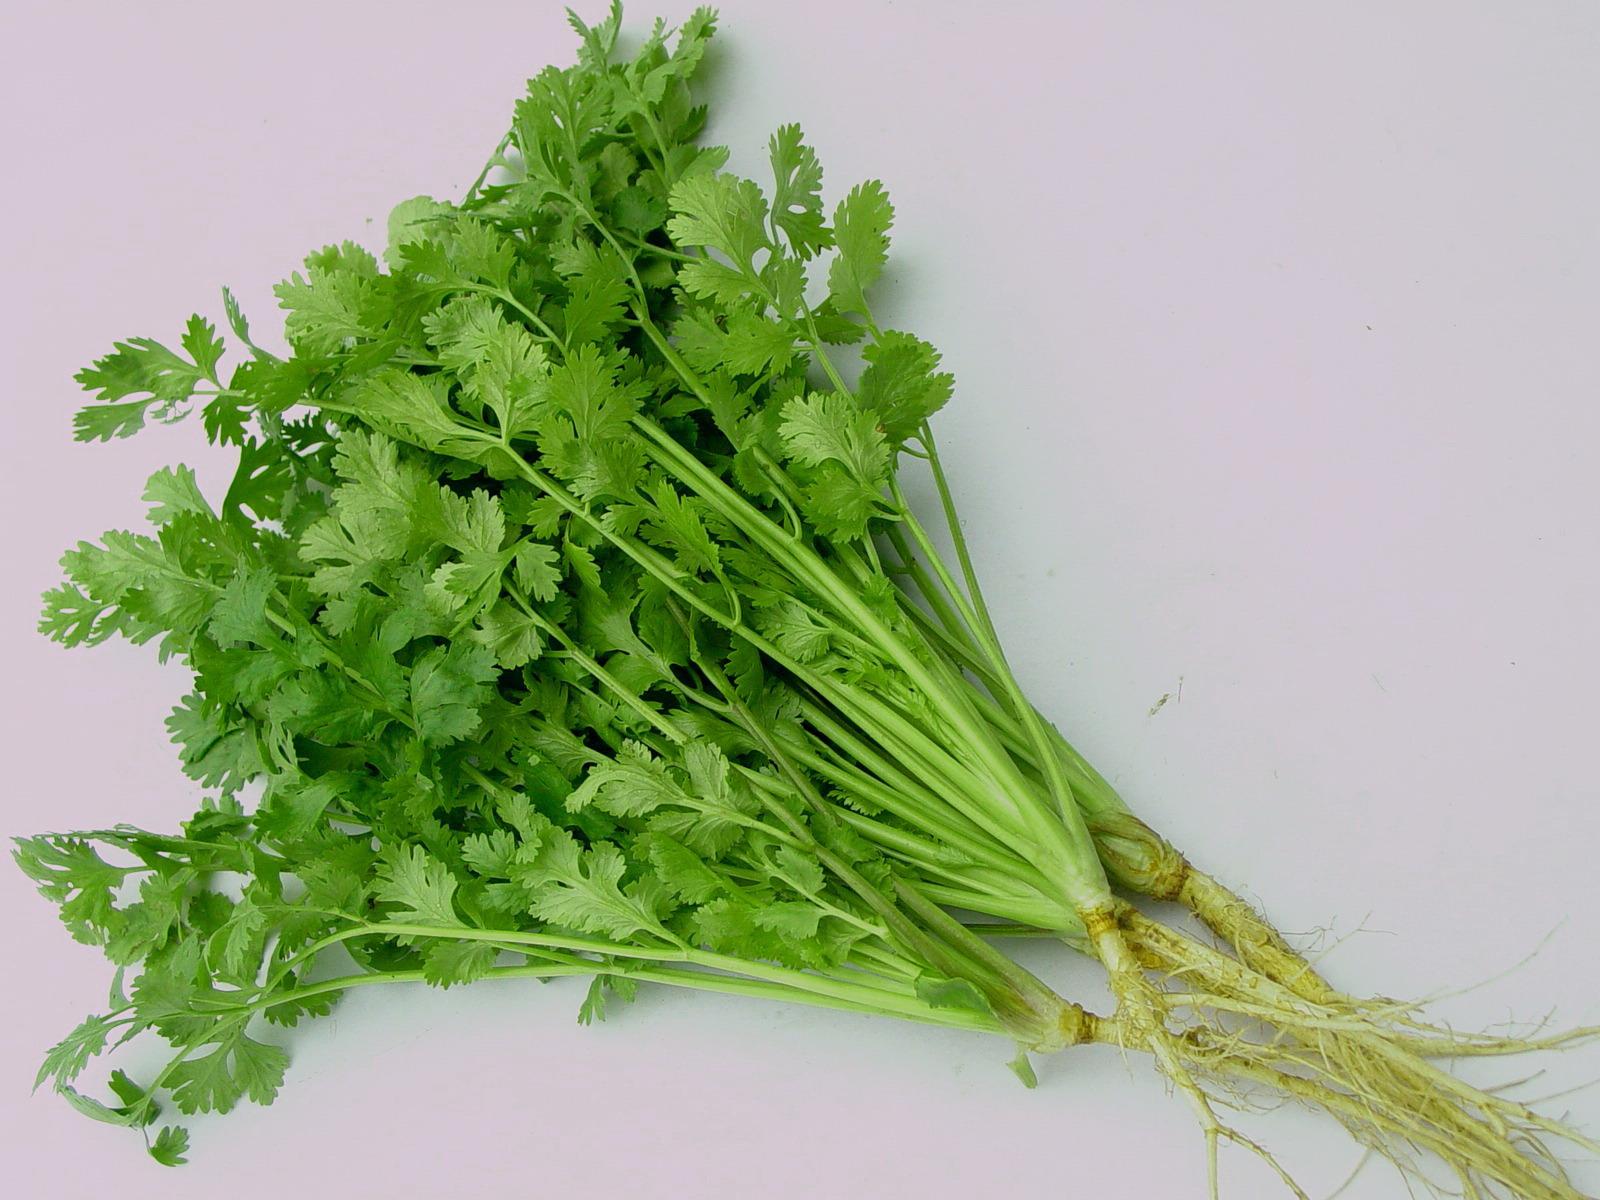 Nếu có thói quen ăn 6 loại rau thơm này, cơ thể bạn đang được hưởng rất nhiều lợi ích - Ảnh 3.